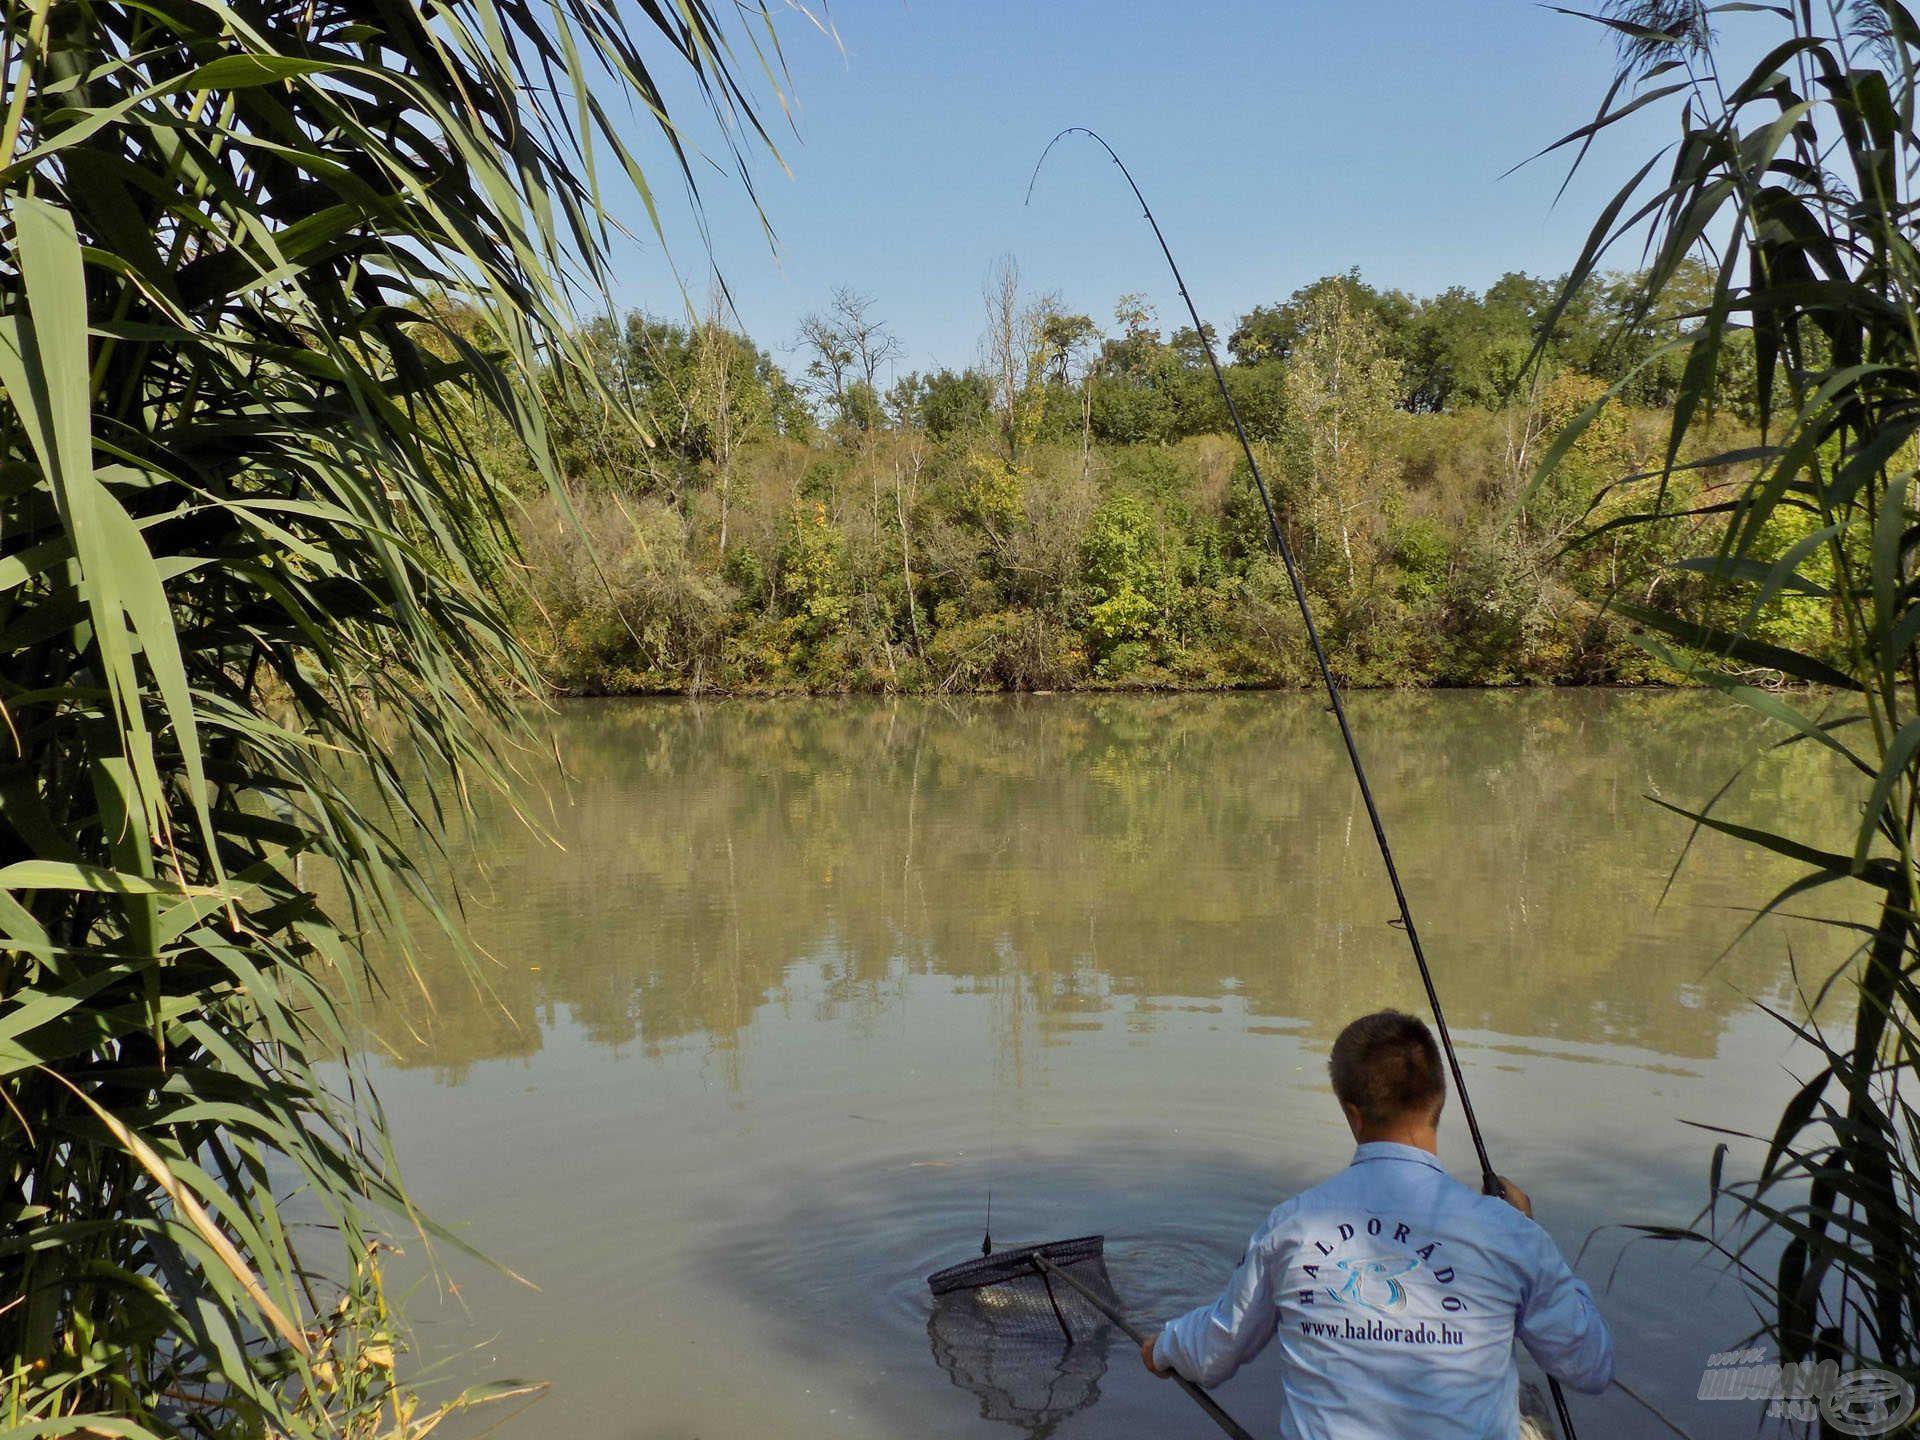 Miután a stratégiát és az etetőanyagokat bemutattam, nincs más dolgunk, mint hogy élvezzük a horgászatot. A helyesen megválasztott módszernek köszönhetően szinte folyamatosan fárasztottam-szákoltam…